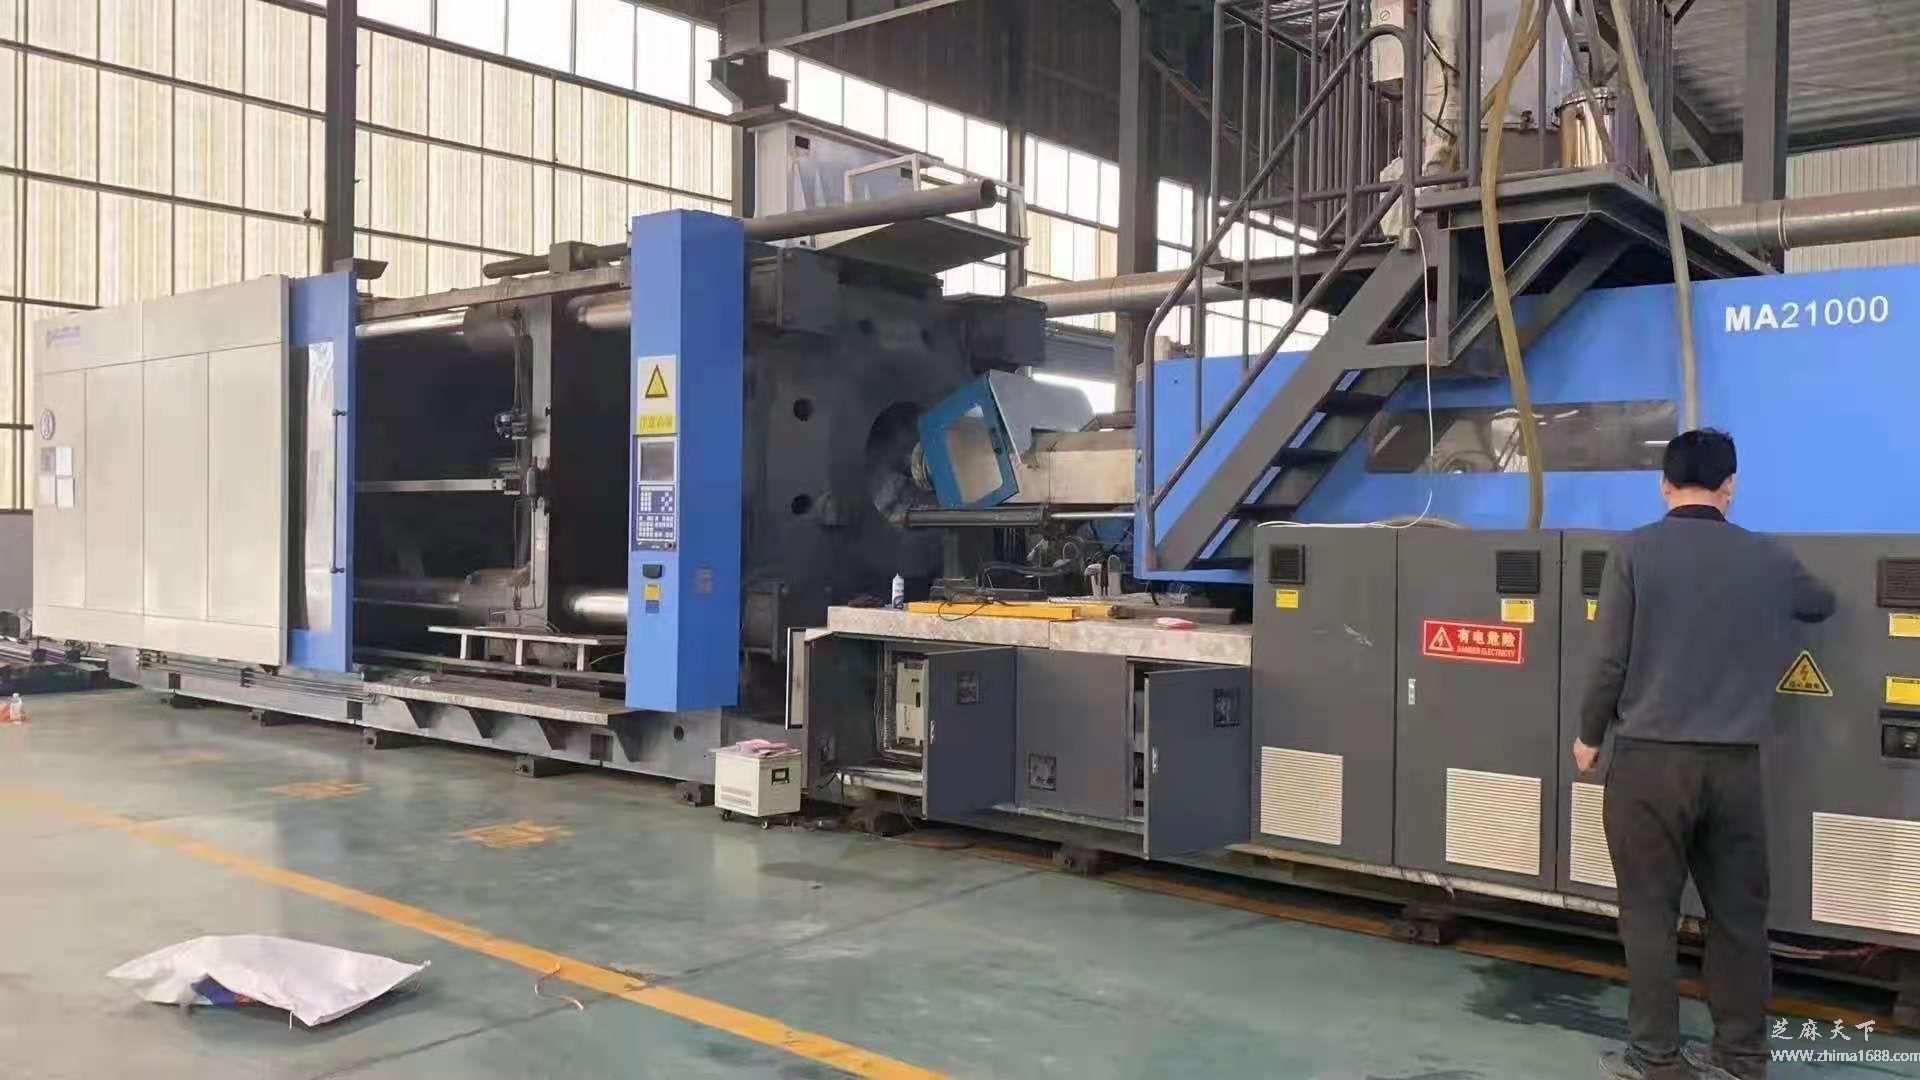 二手海天MA21000伺服注塑机(2100吨)